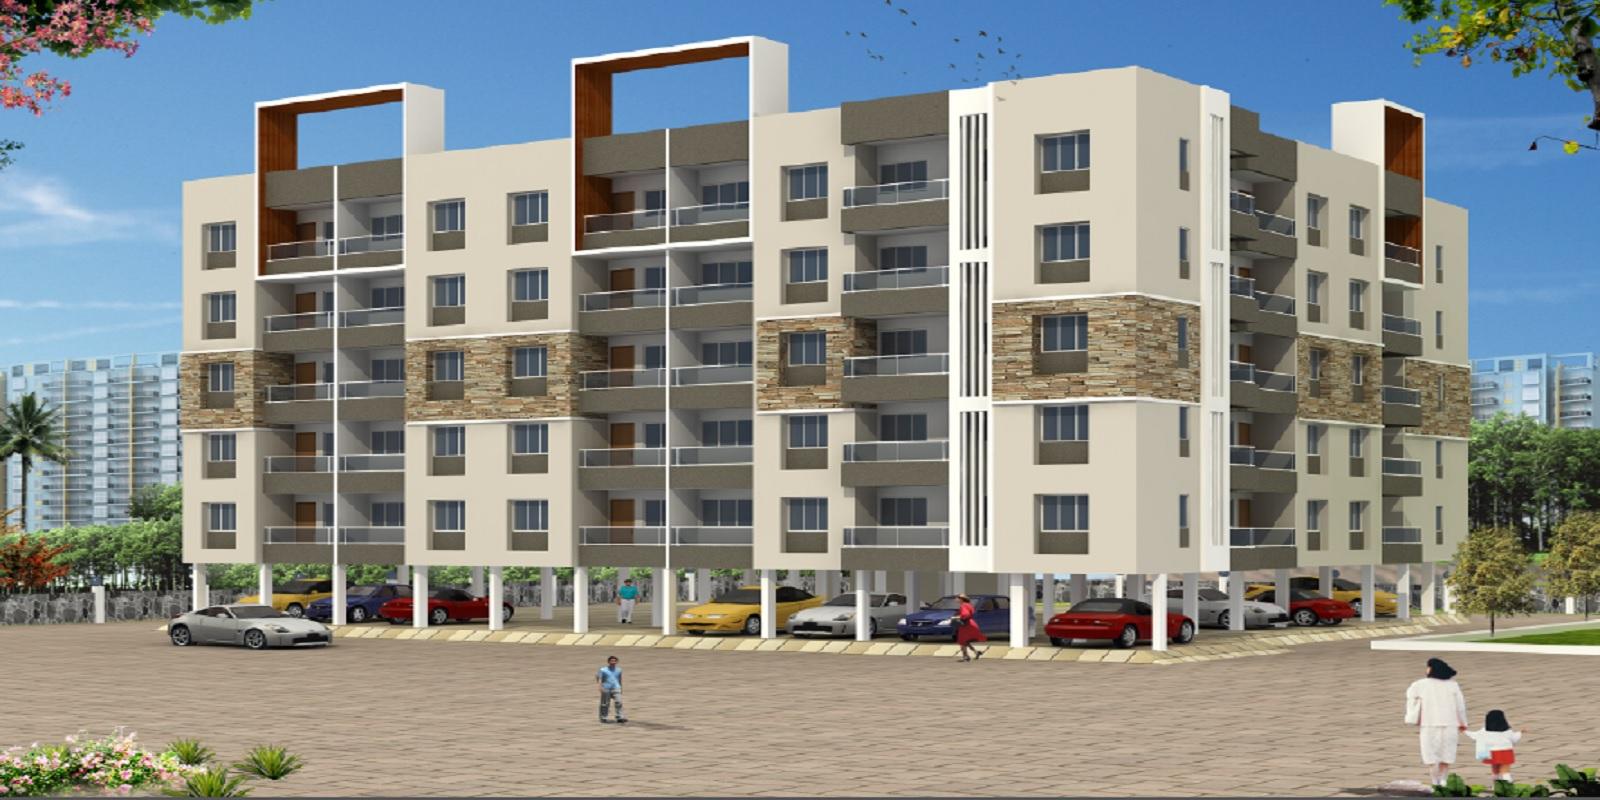 satyam shivam phase 2 project large image1